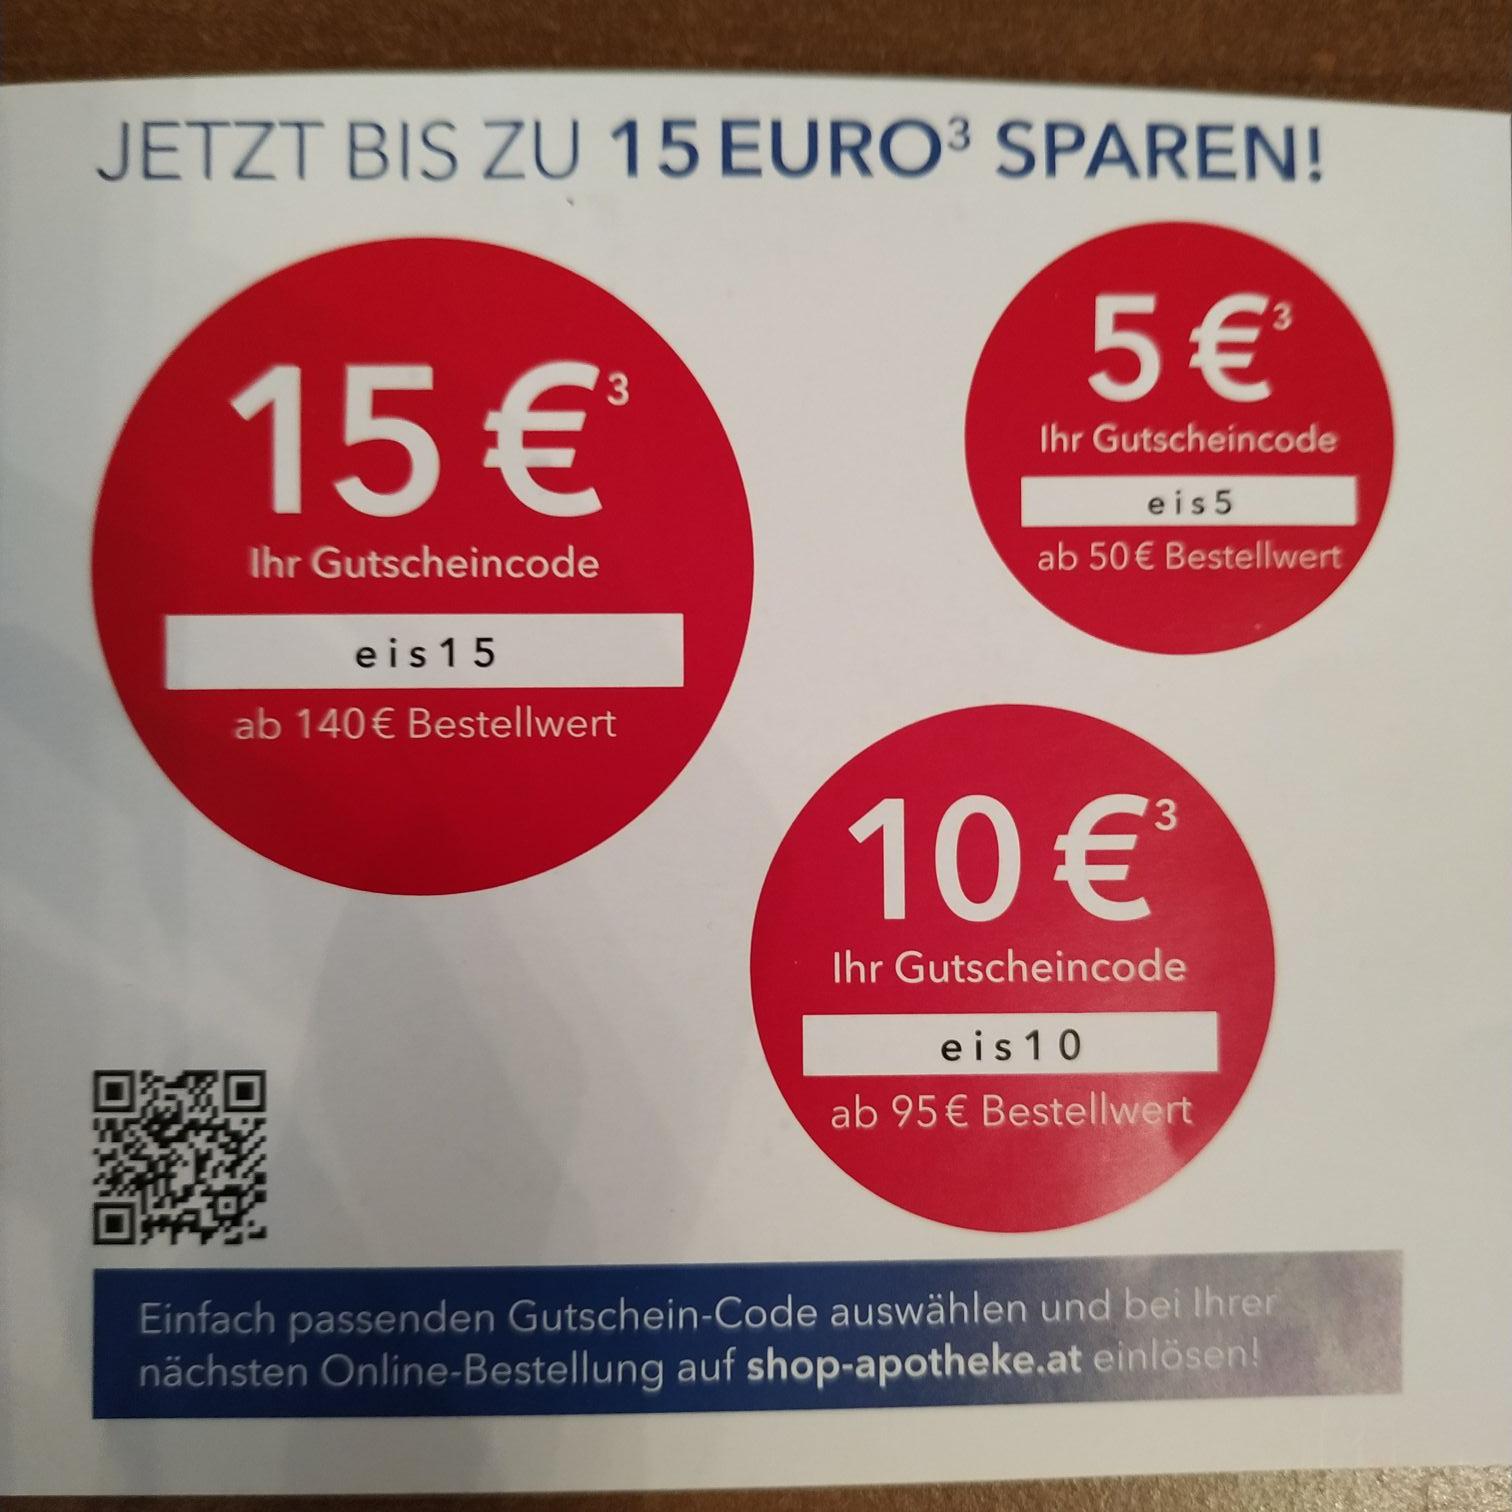 Shop-Apotheke 5€/10€/15€ Gutscheincode